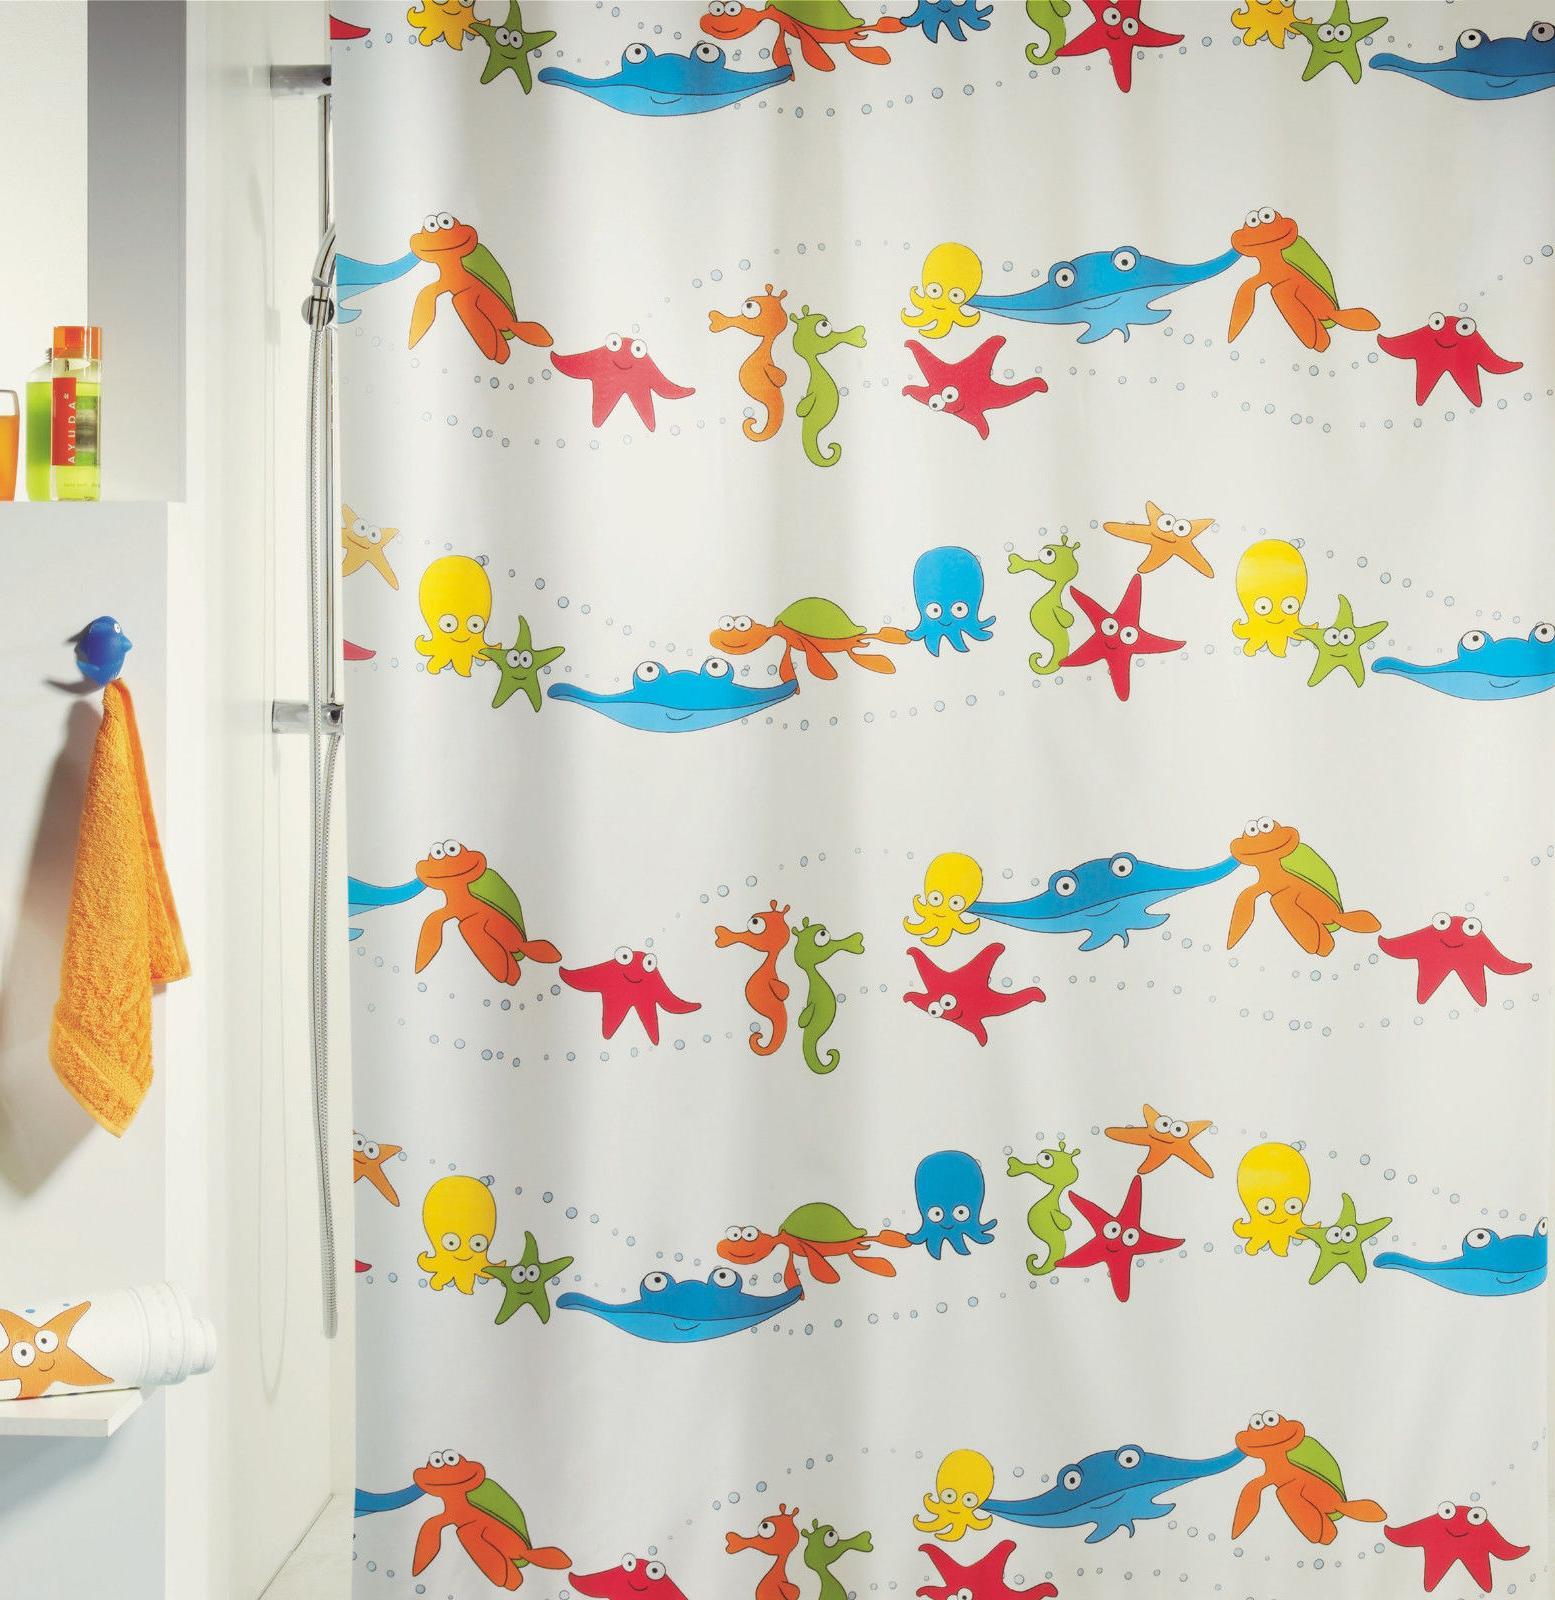 Spirella AQUARIUM MULTICOLOUR Textile Polyester SHOWER CURTA